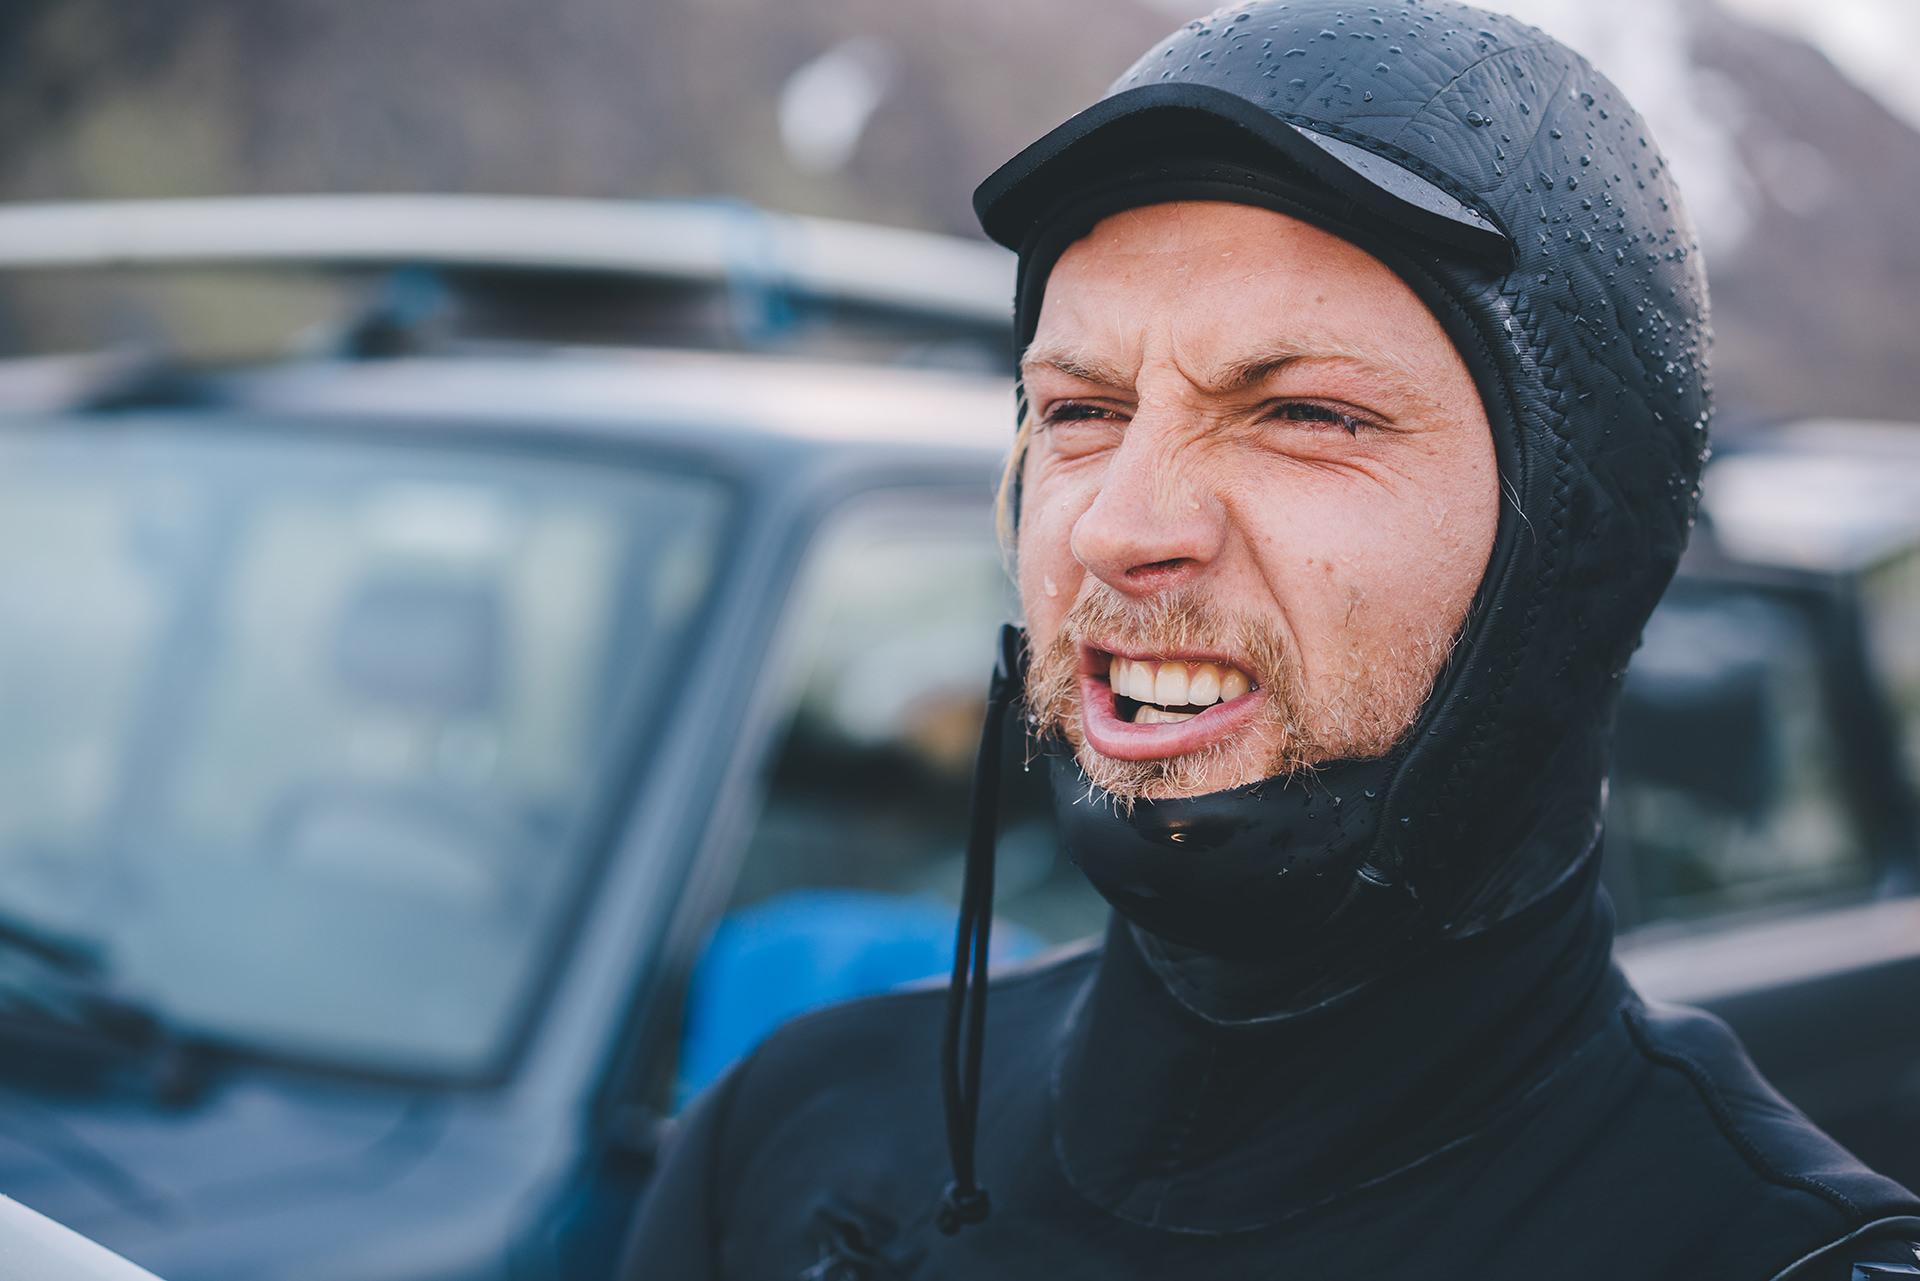 neoprenanzug-surfer-gesicht-nass-kalt